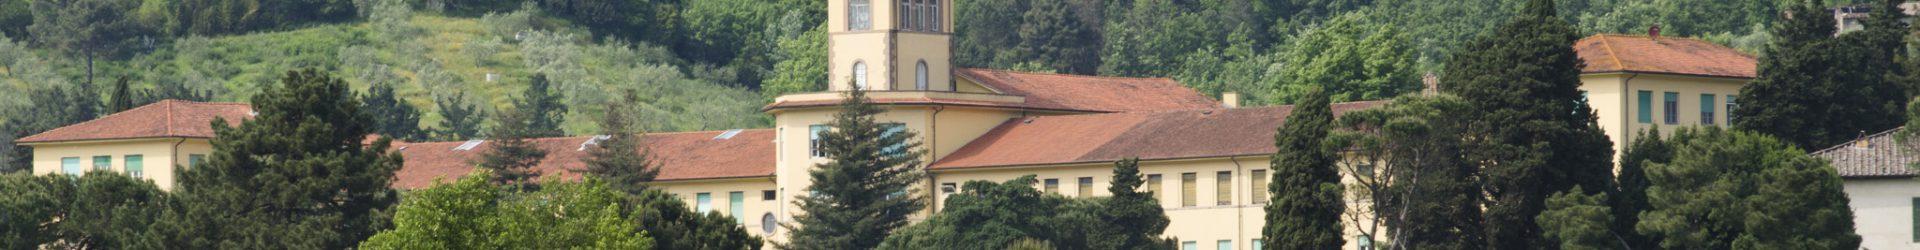 Fondazione Campus - Corsi di Lingue